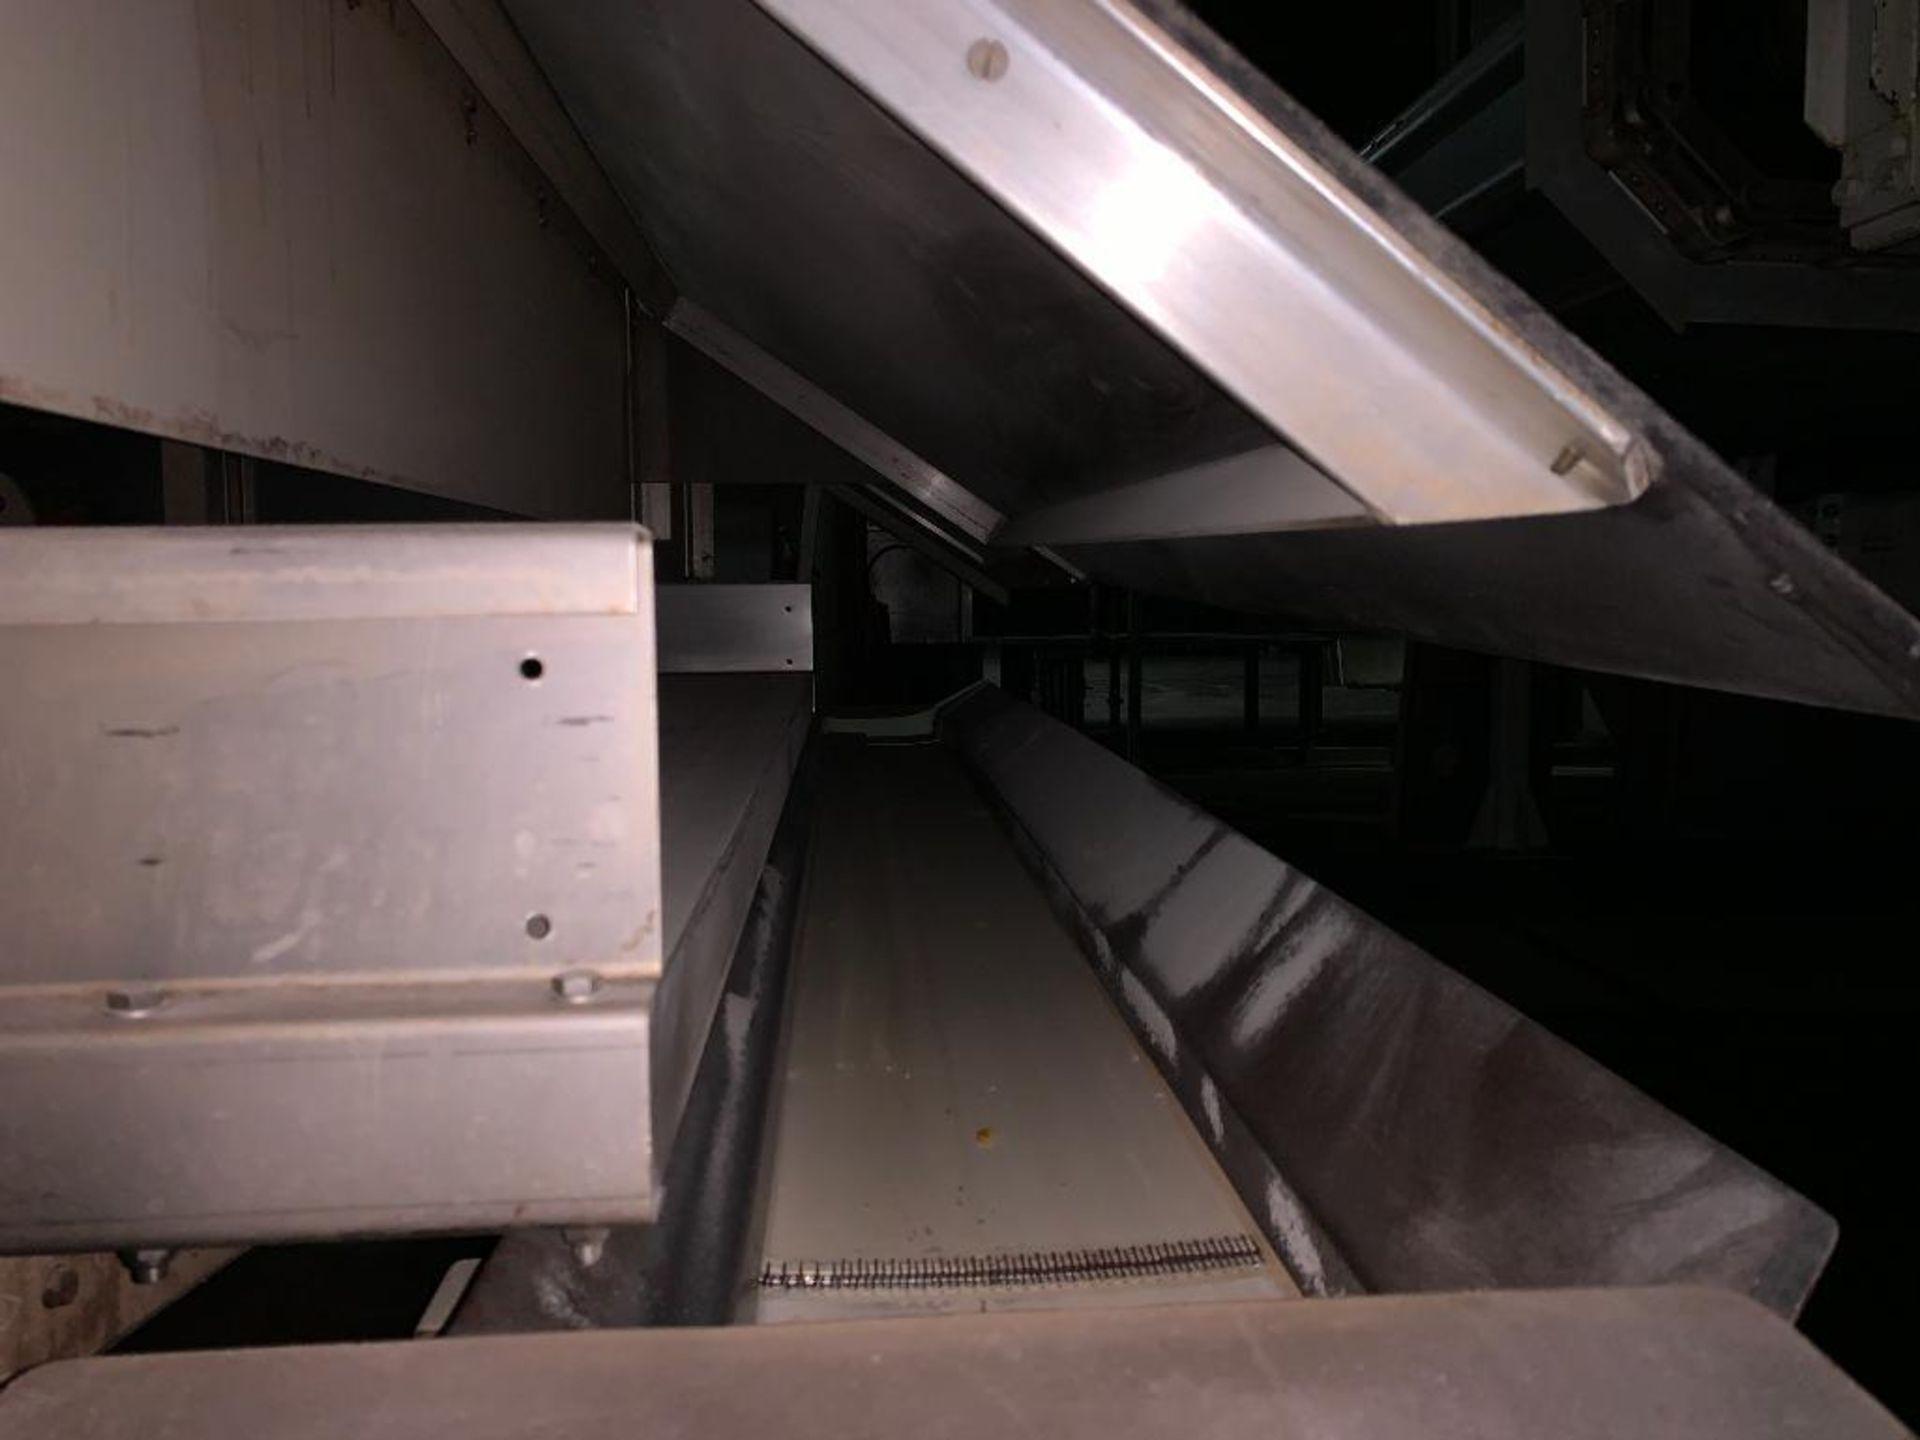 mild steel belt conveyor - Image 4 of 9